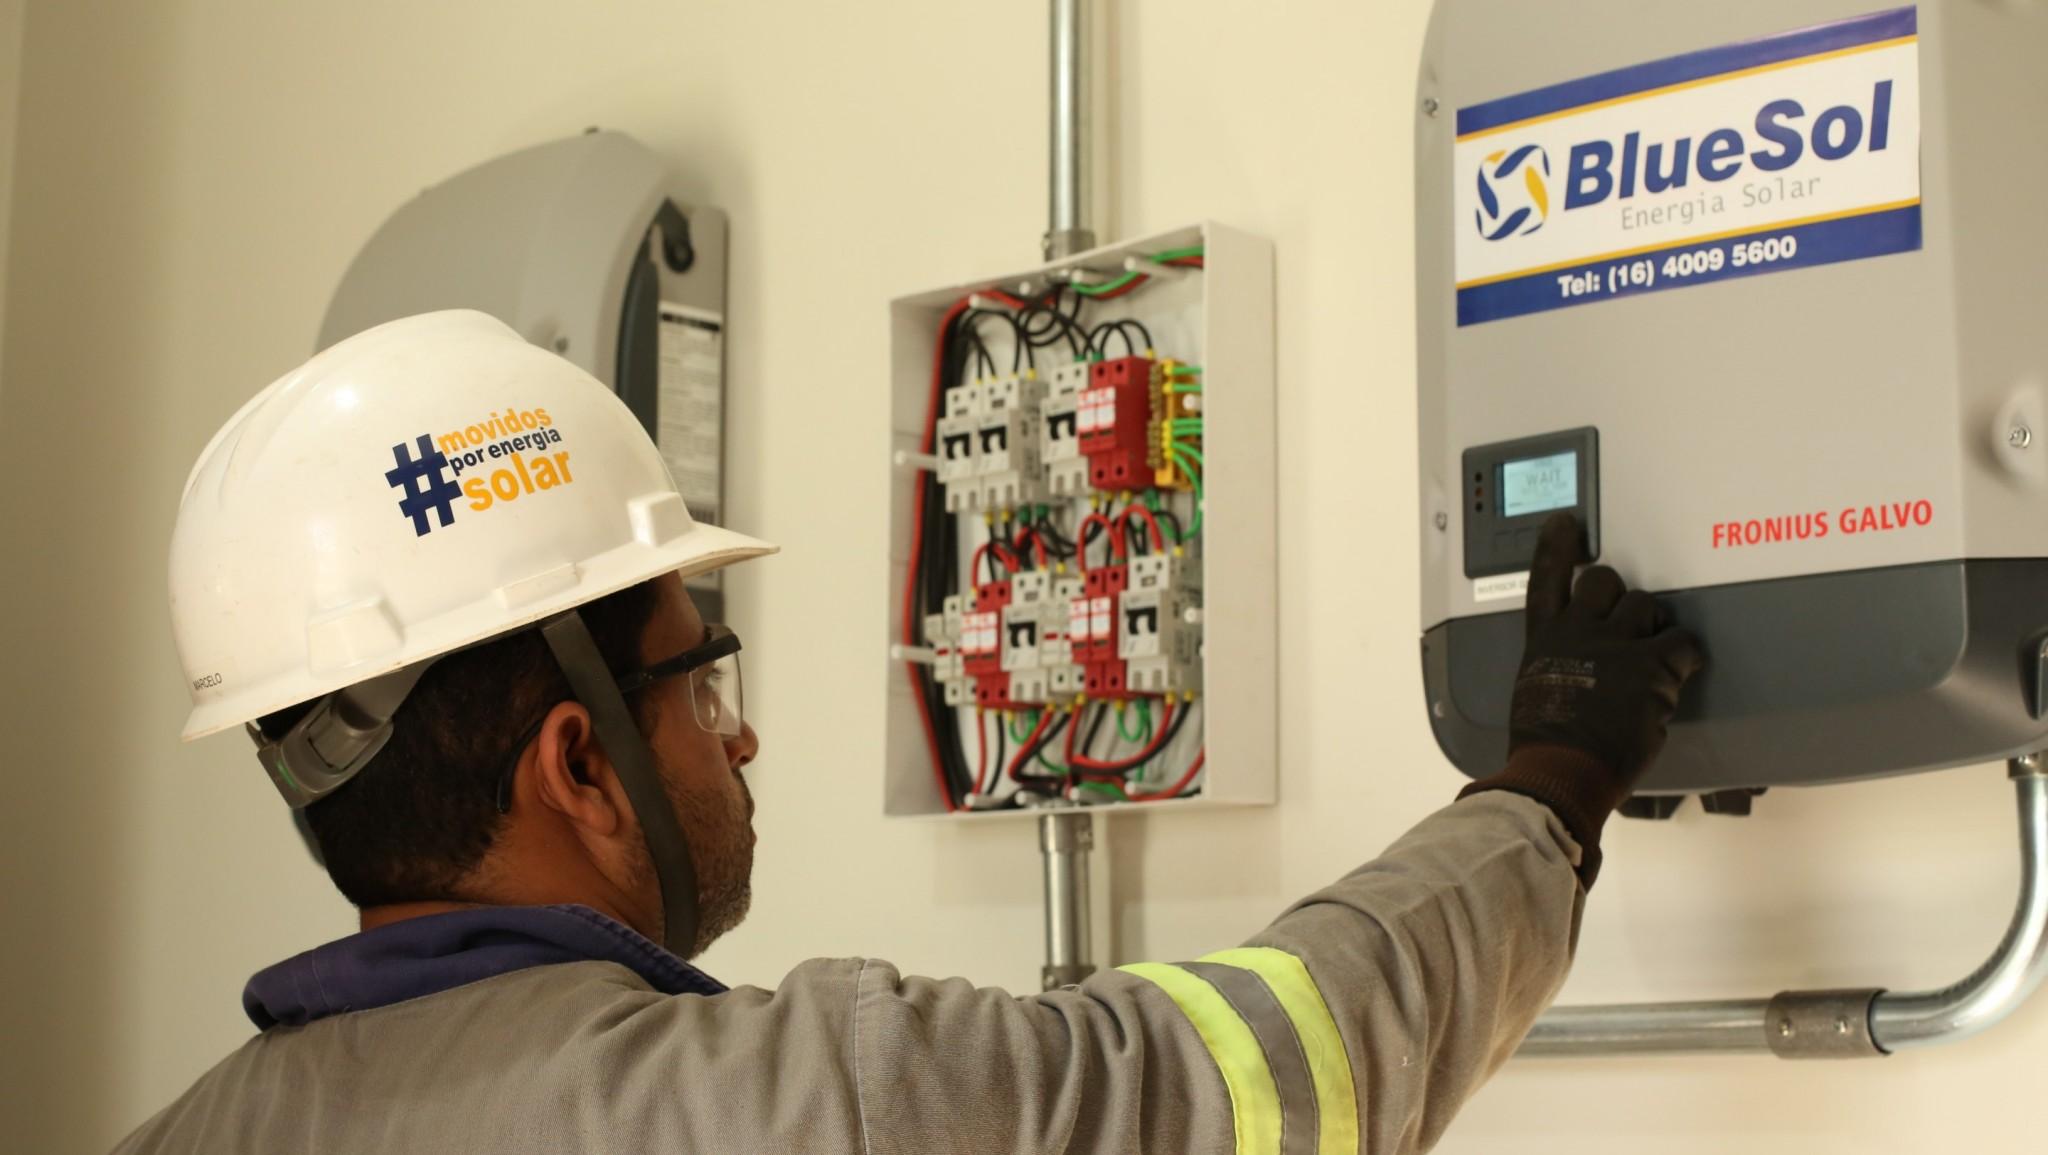 Energia solar fotovoltaica _ a instalação do inversor